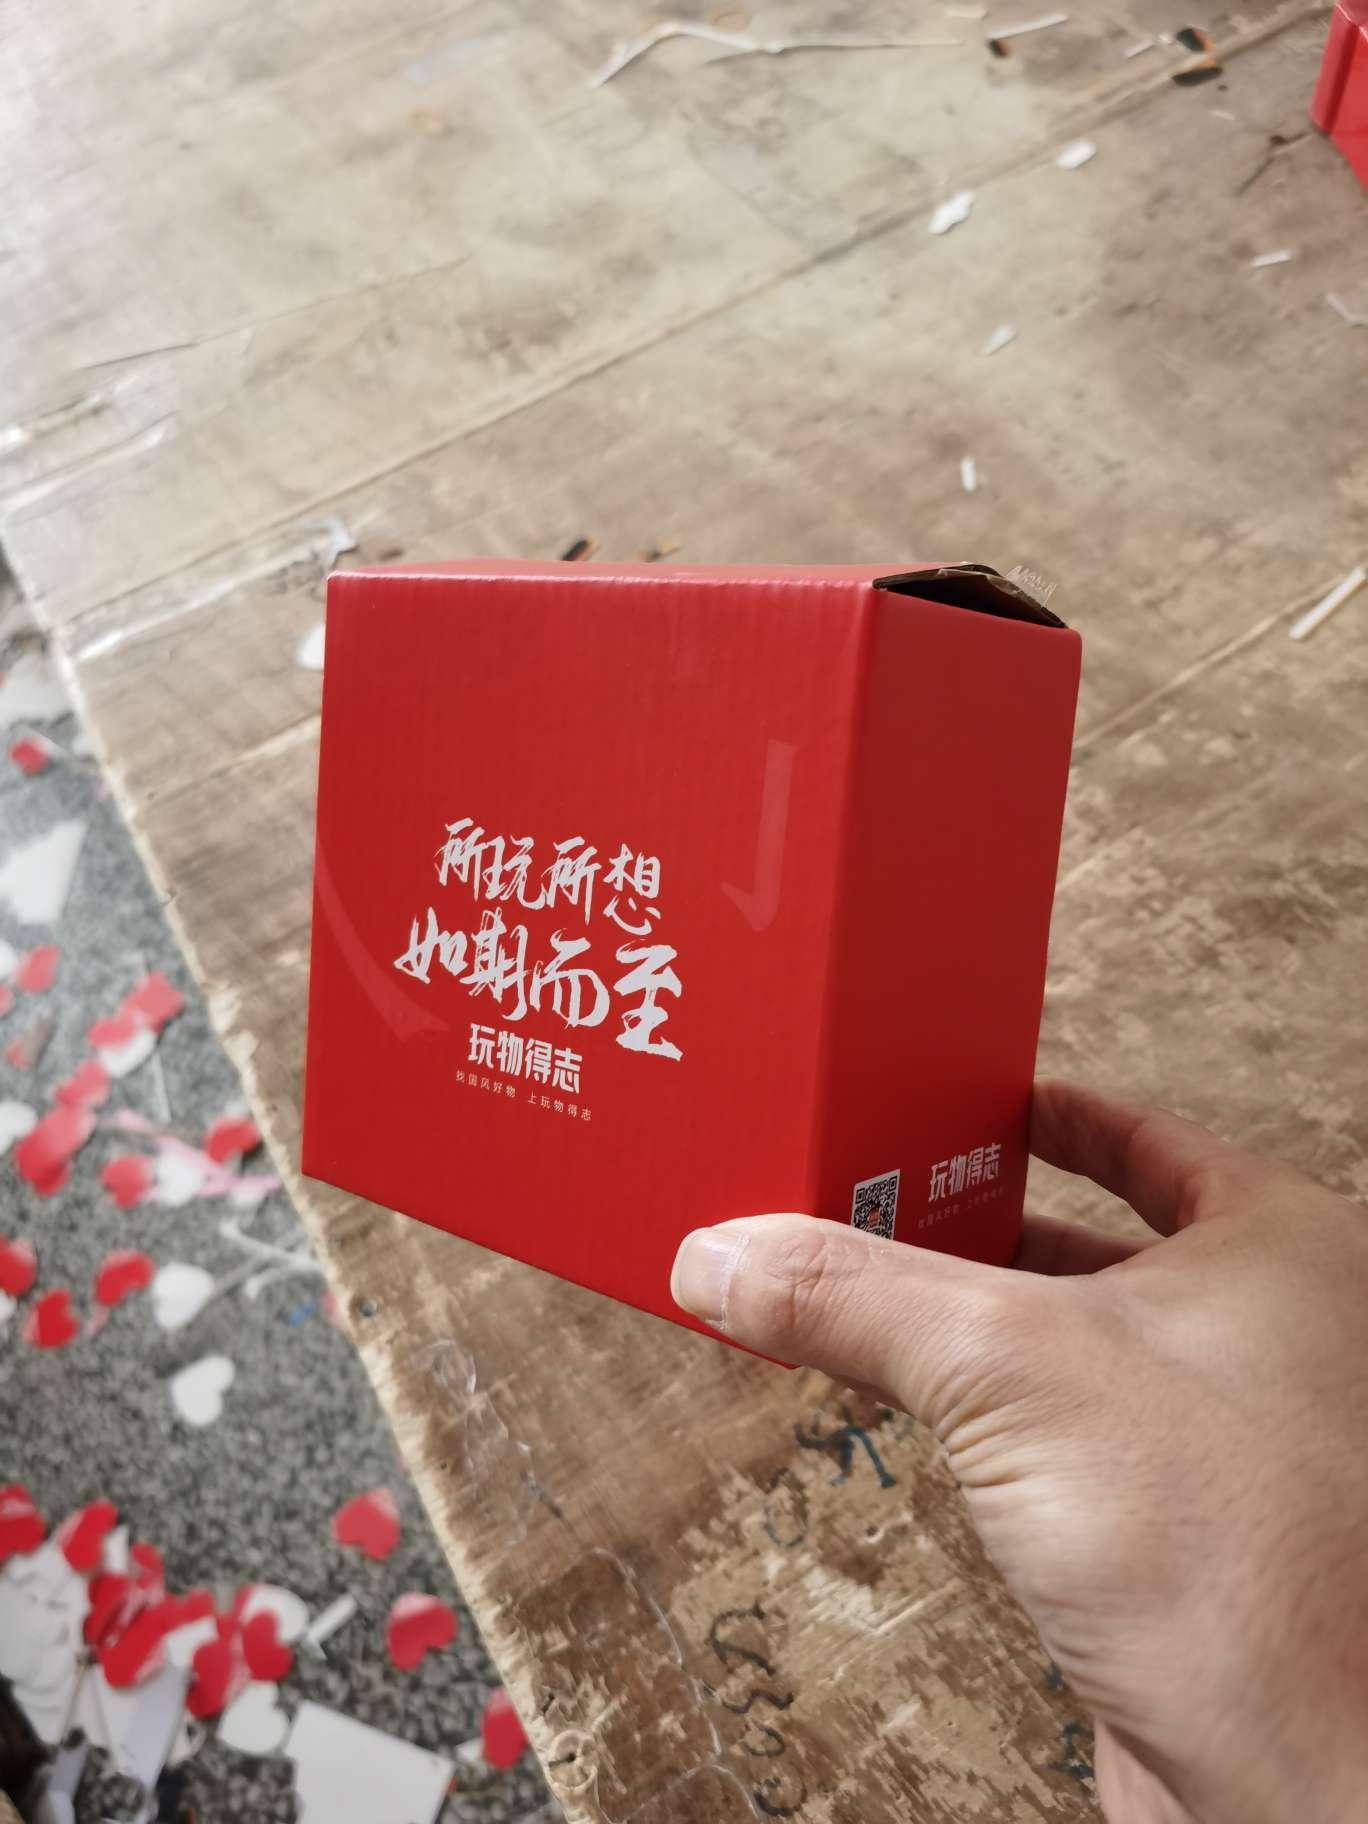 快递纸箱,天猫打包箱彩色纸箱